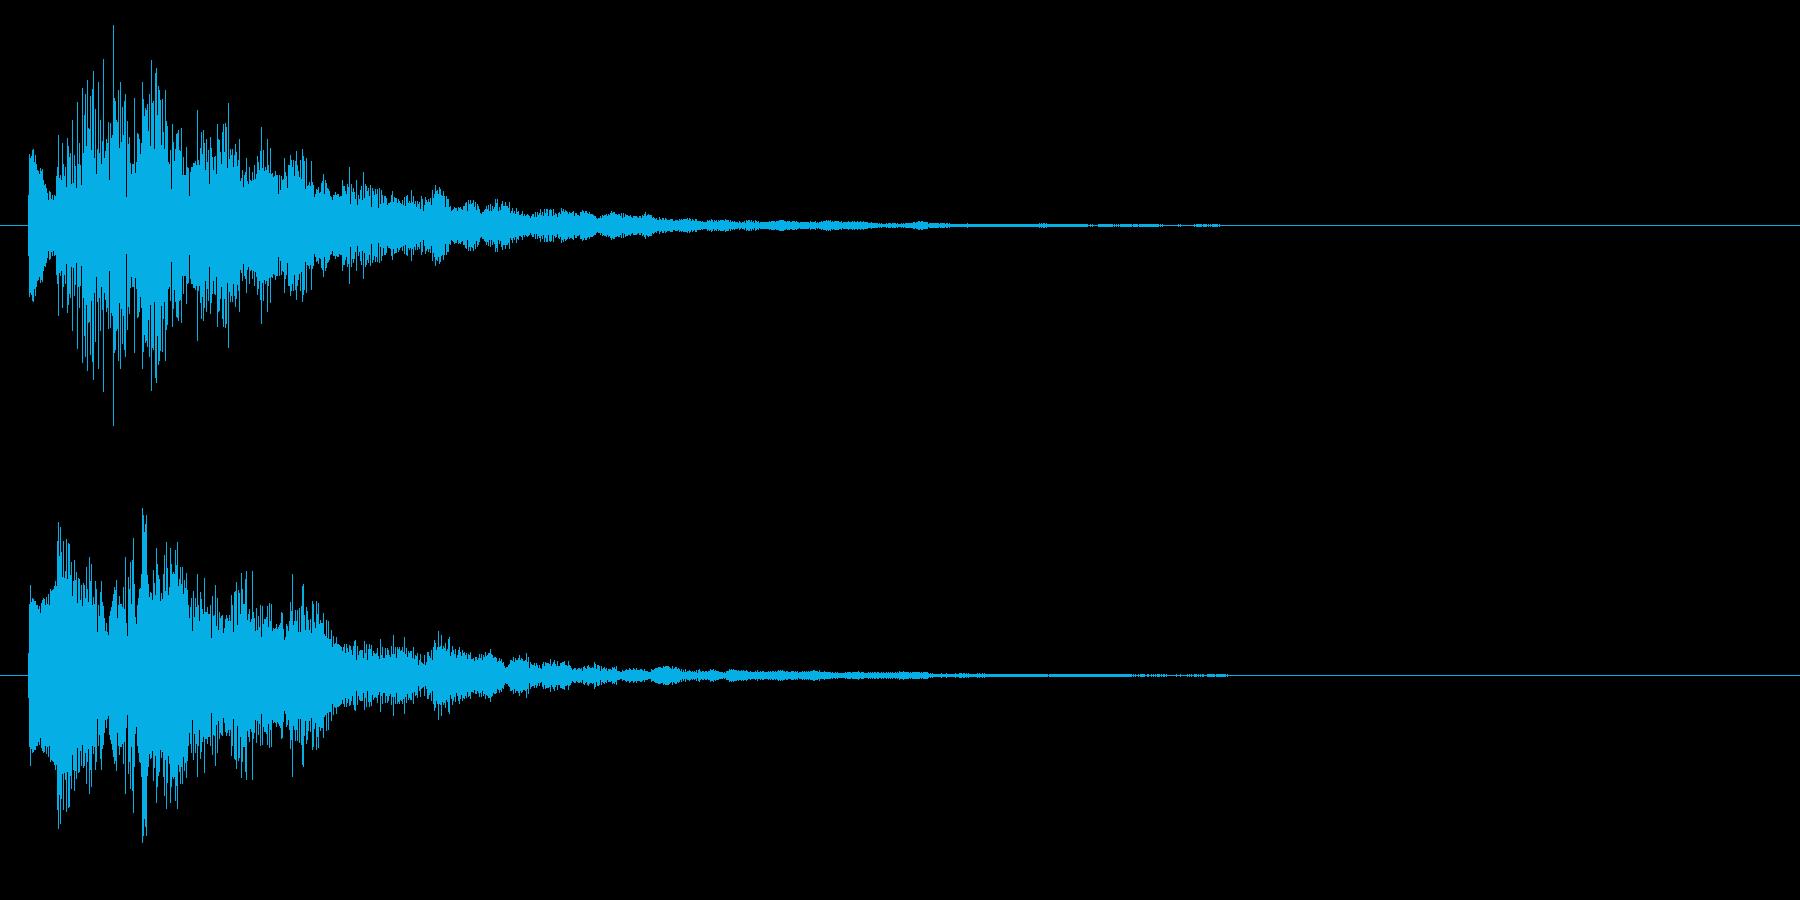 ニュースのテロップをイメージした音02の再生済みの波形